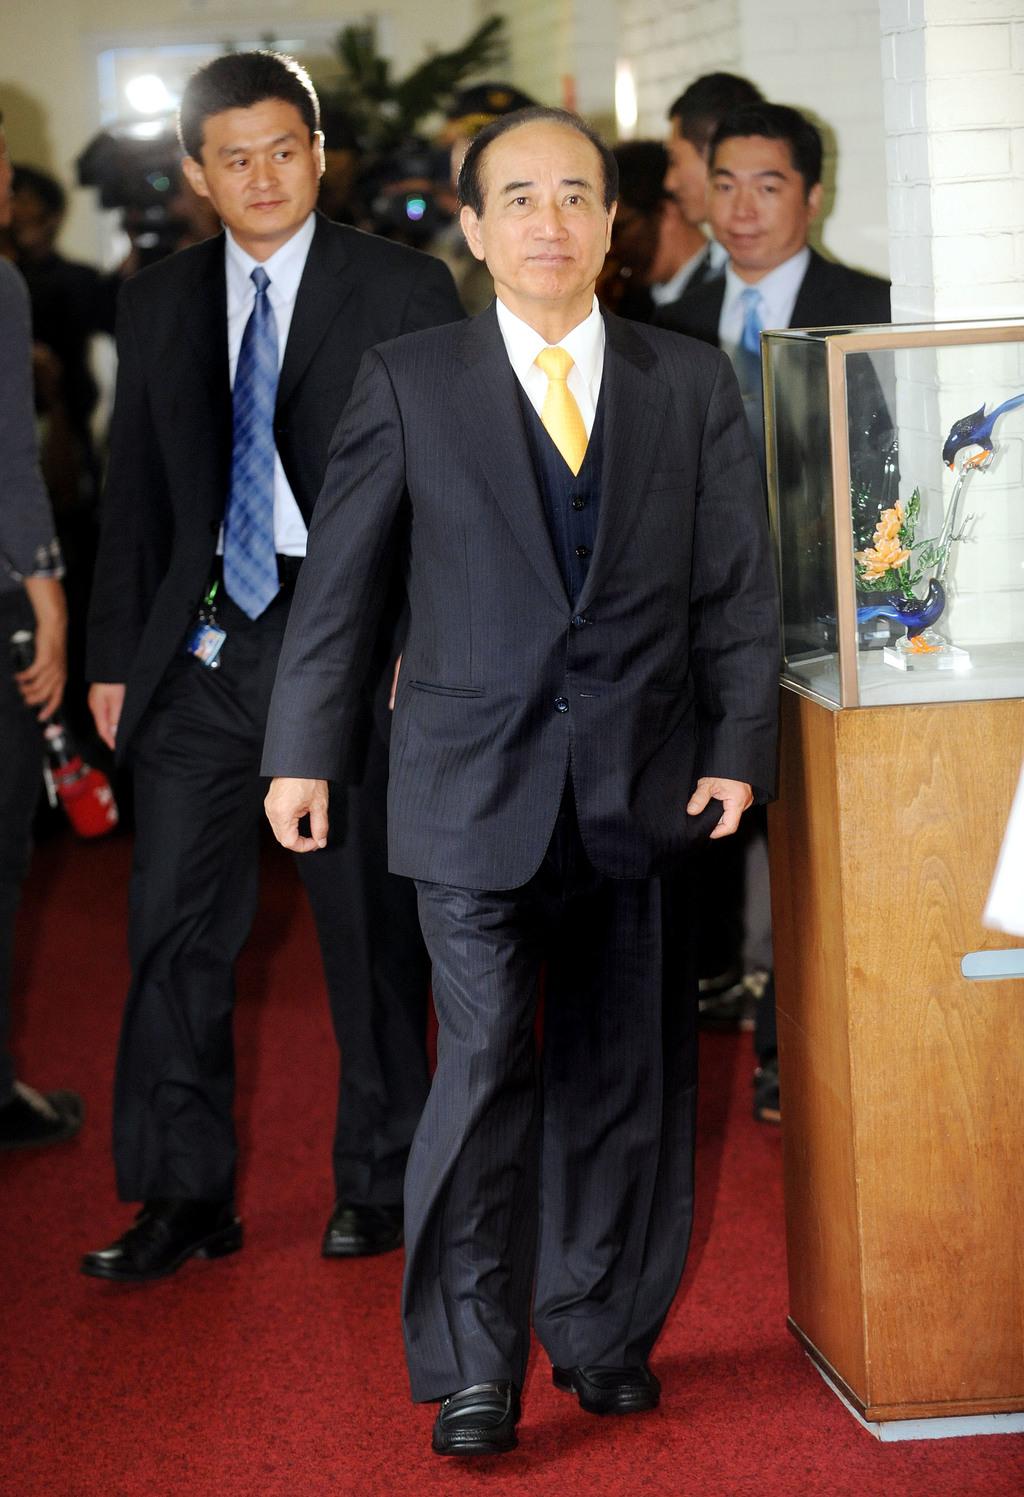 立法院長王金平16日對於自己可能列國民黨不分區立委名單第1名表示,感謝黨中央的看重,並肯定名單中幾位形象清新,照顧奉獻弱勢族群的人選表示肯